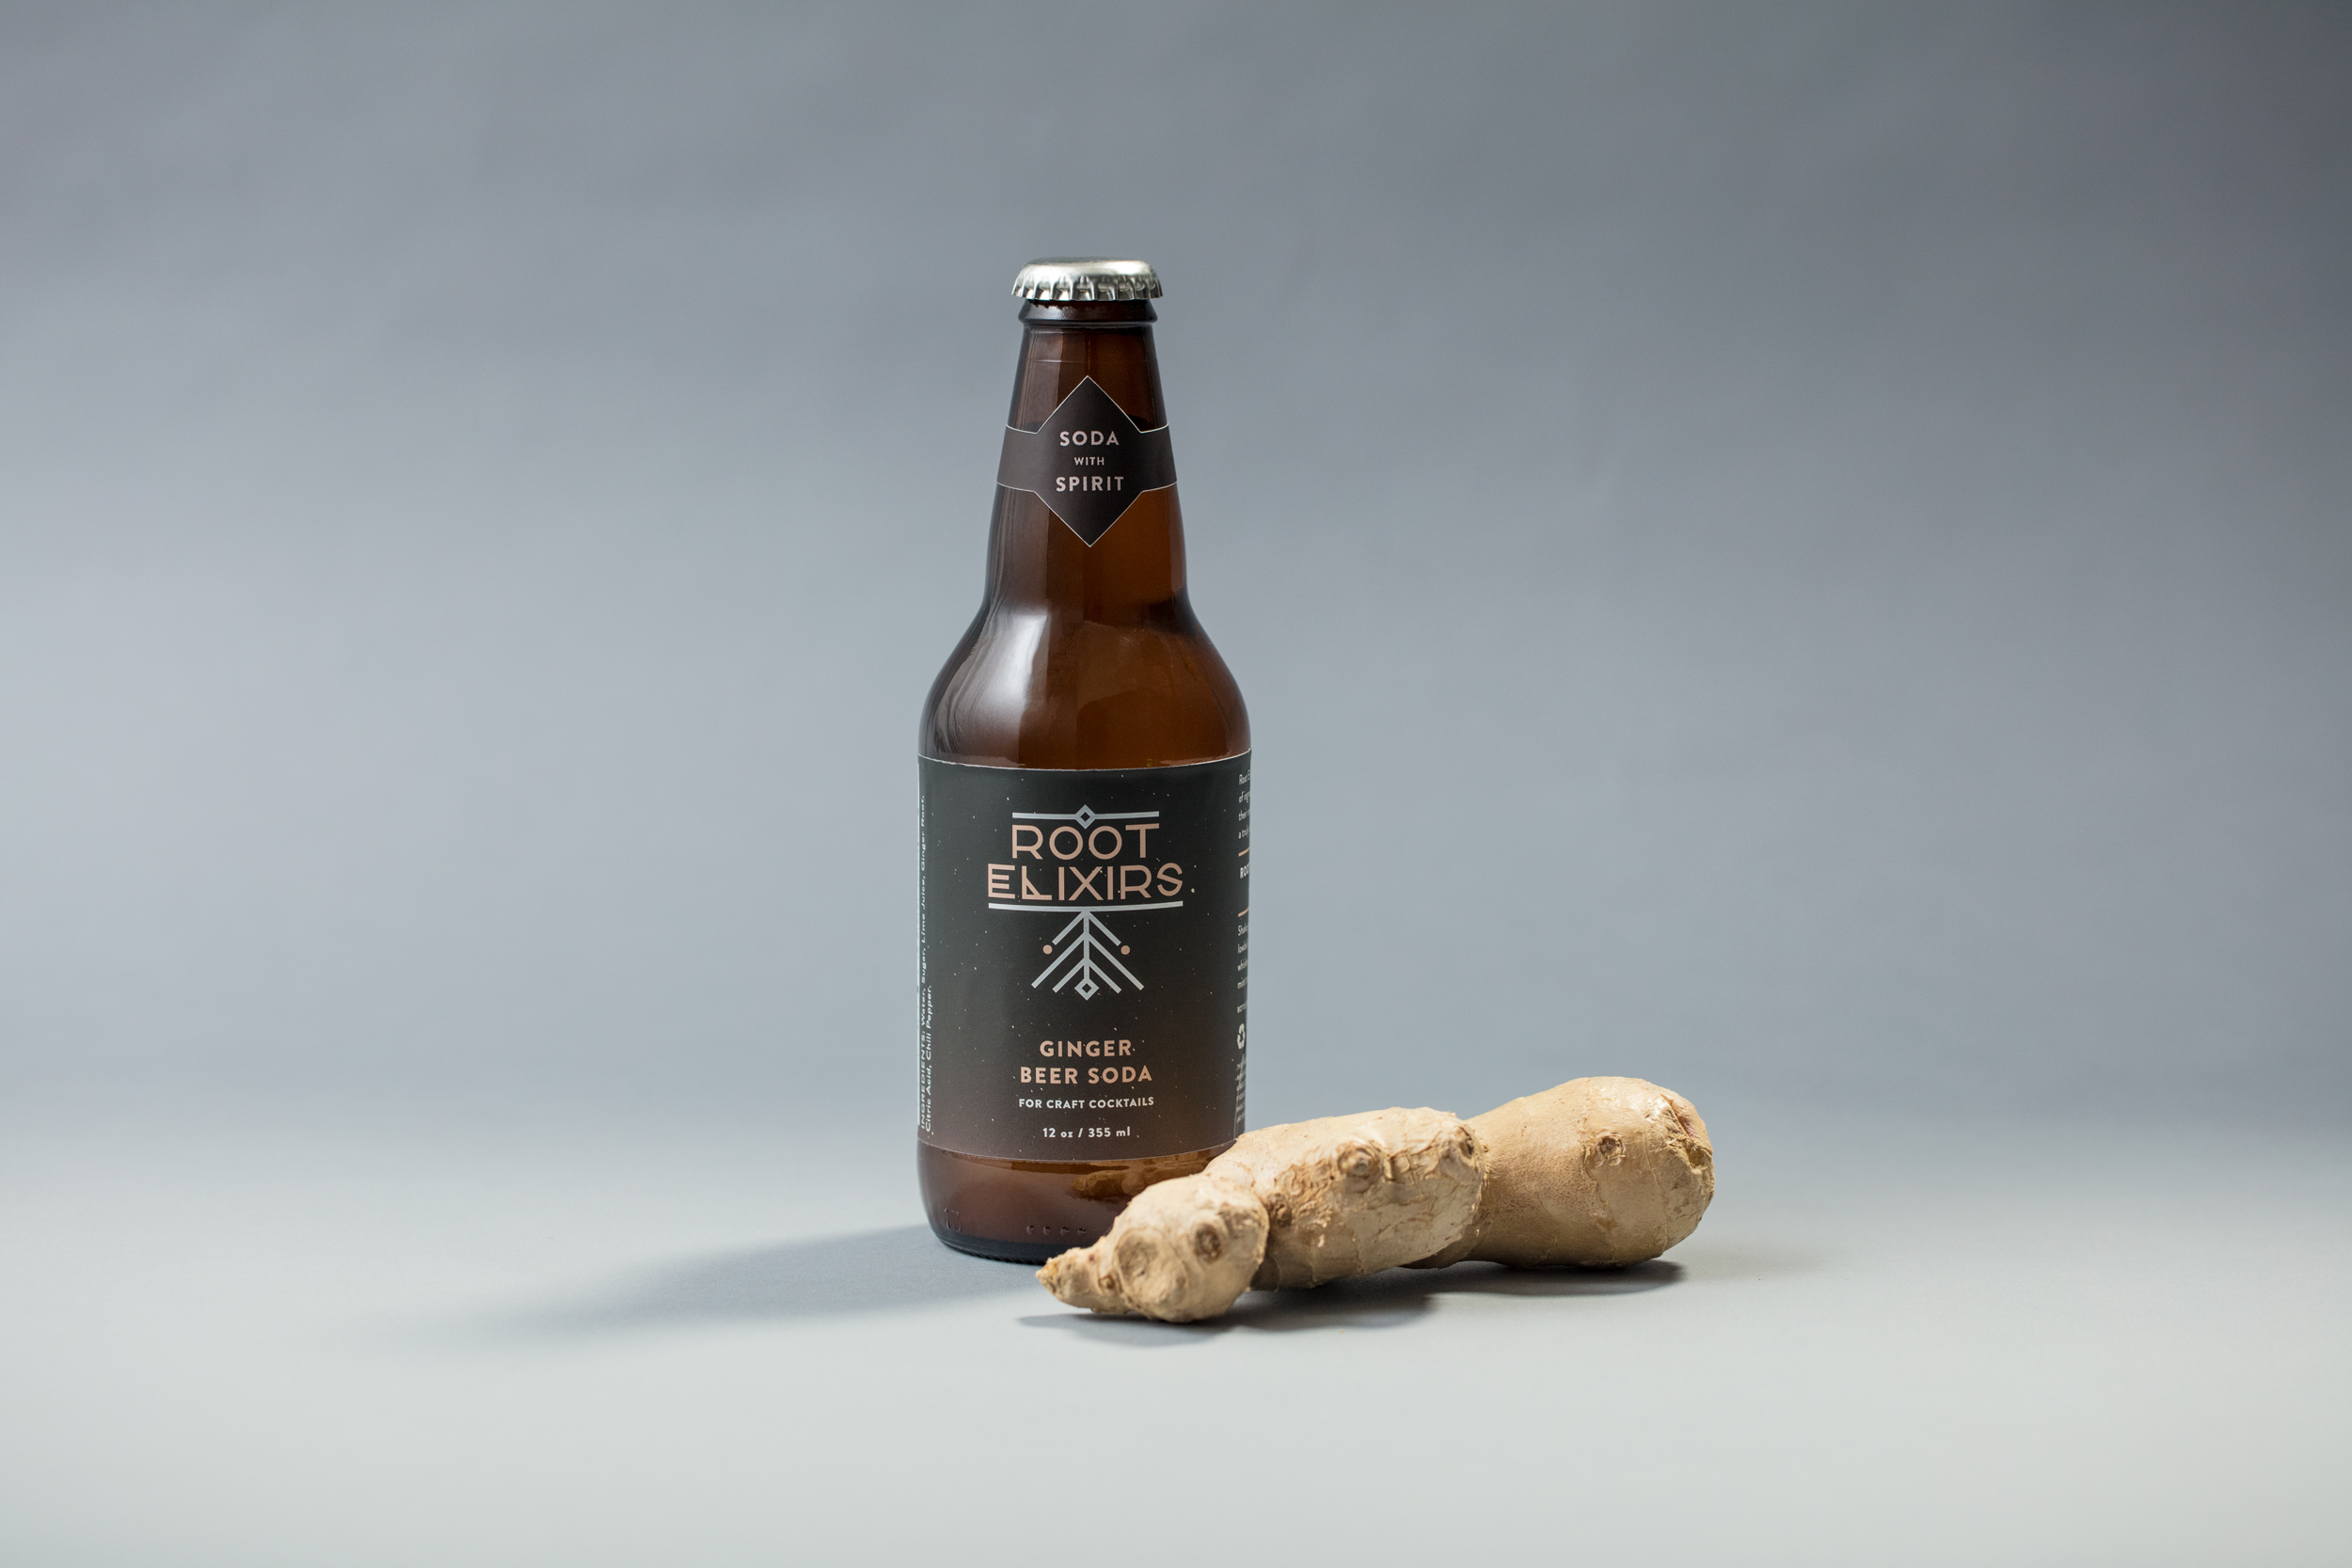 Root_Elixirs_Bottle_Ginger_Beer.jpg